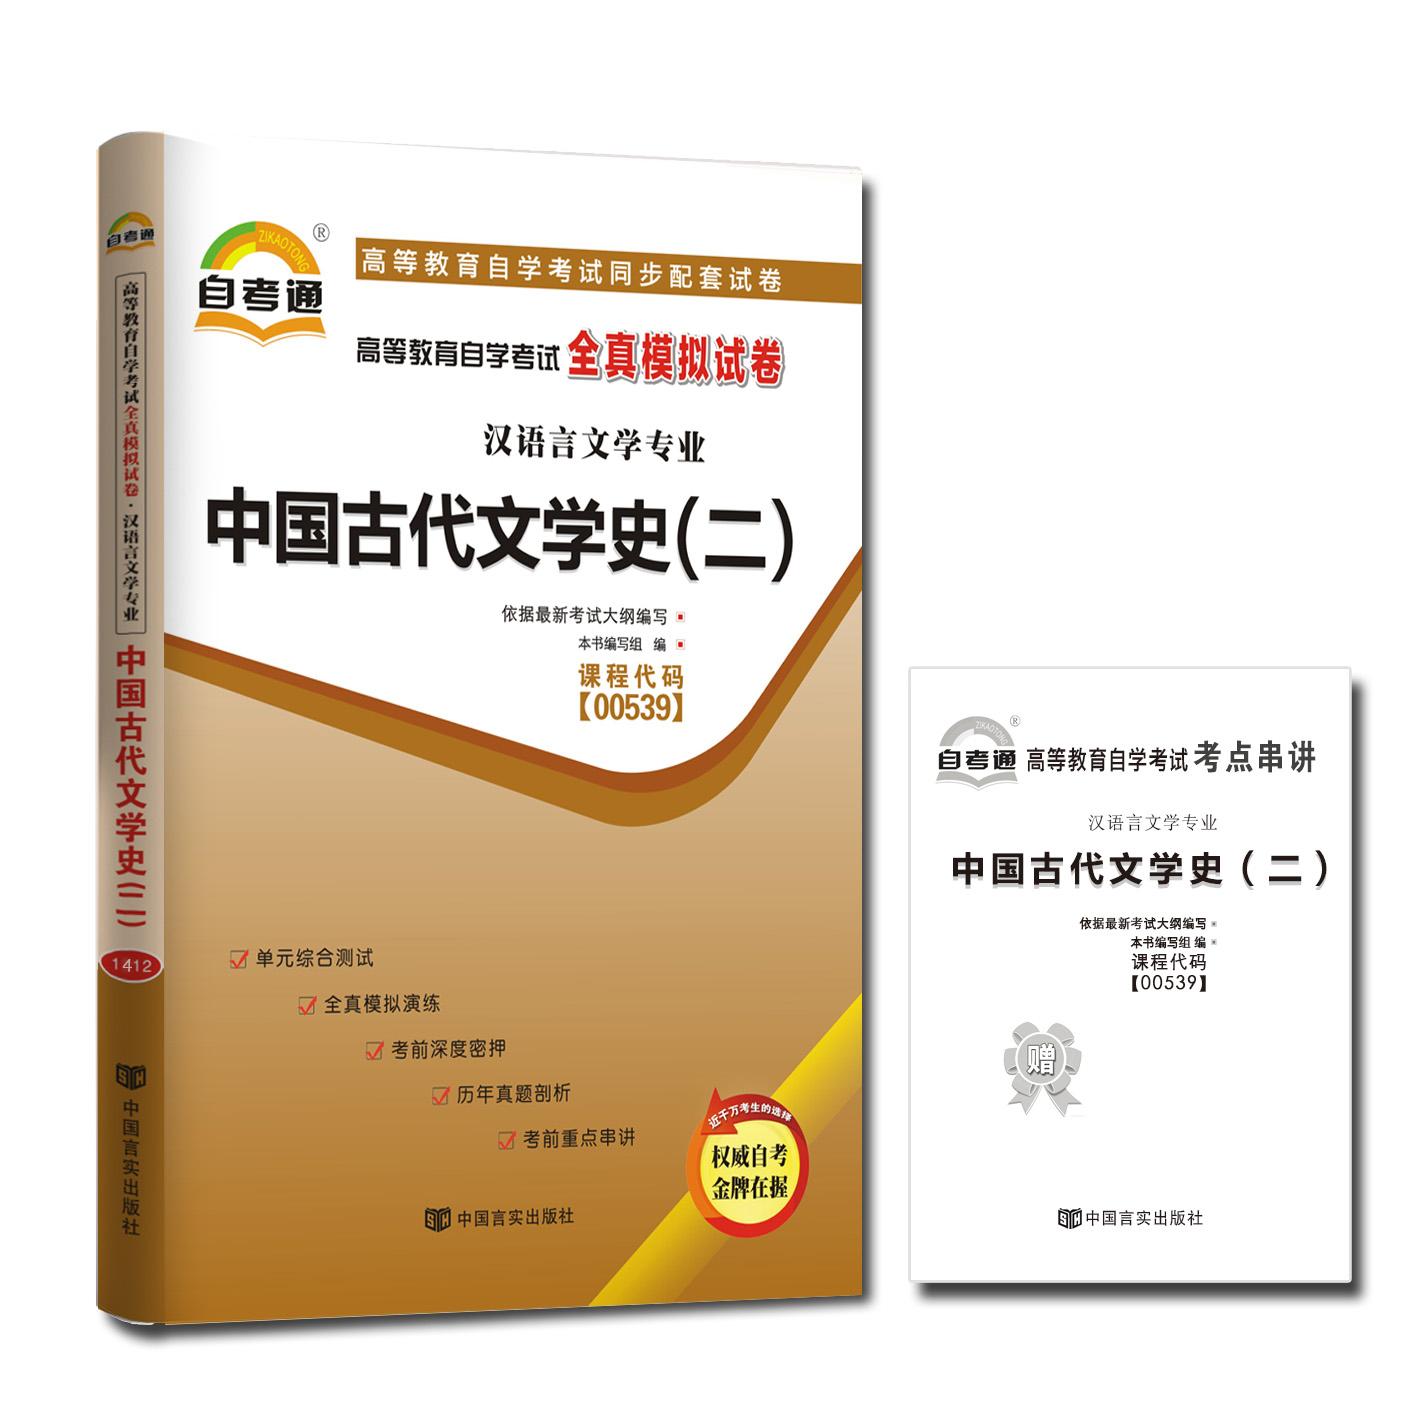 【正版包邮】自考通试卷 0539 00539 中国古代文学史(二) 全真模拟试卷全新版 附自学考试全新题型10套预测 +赠考点串讲小册子